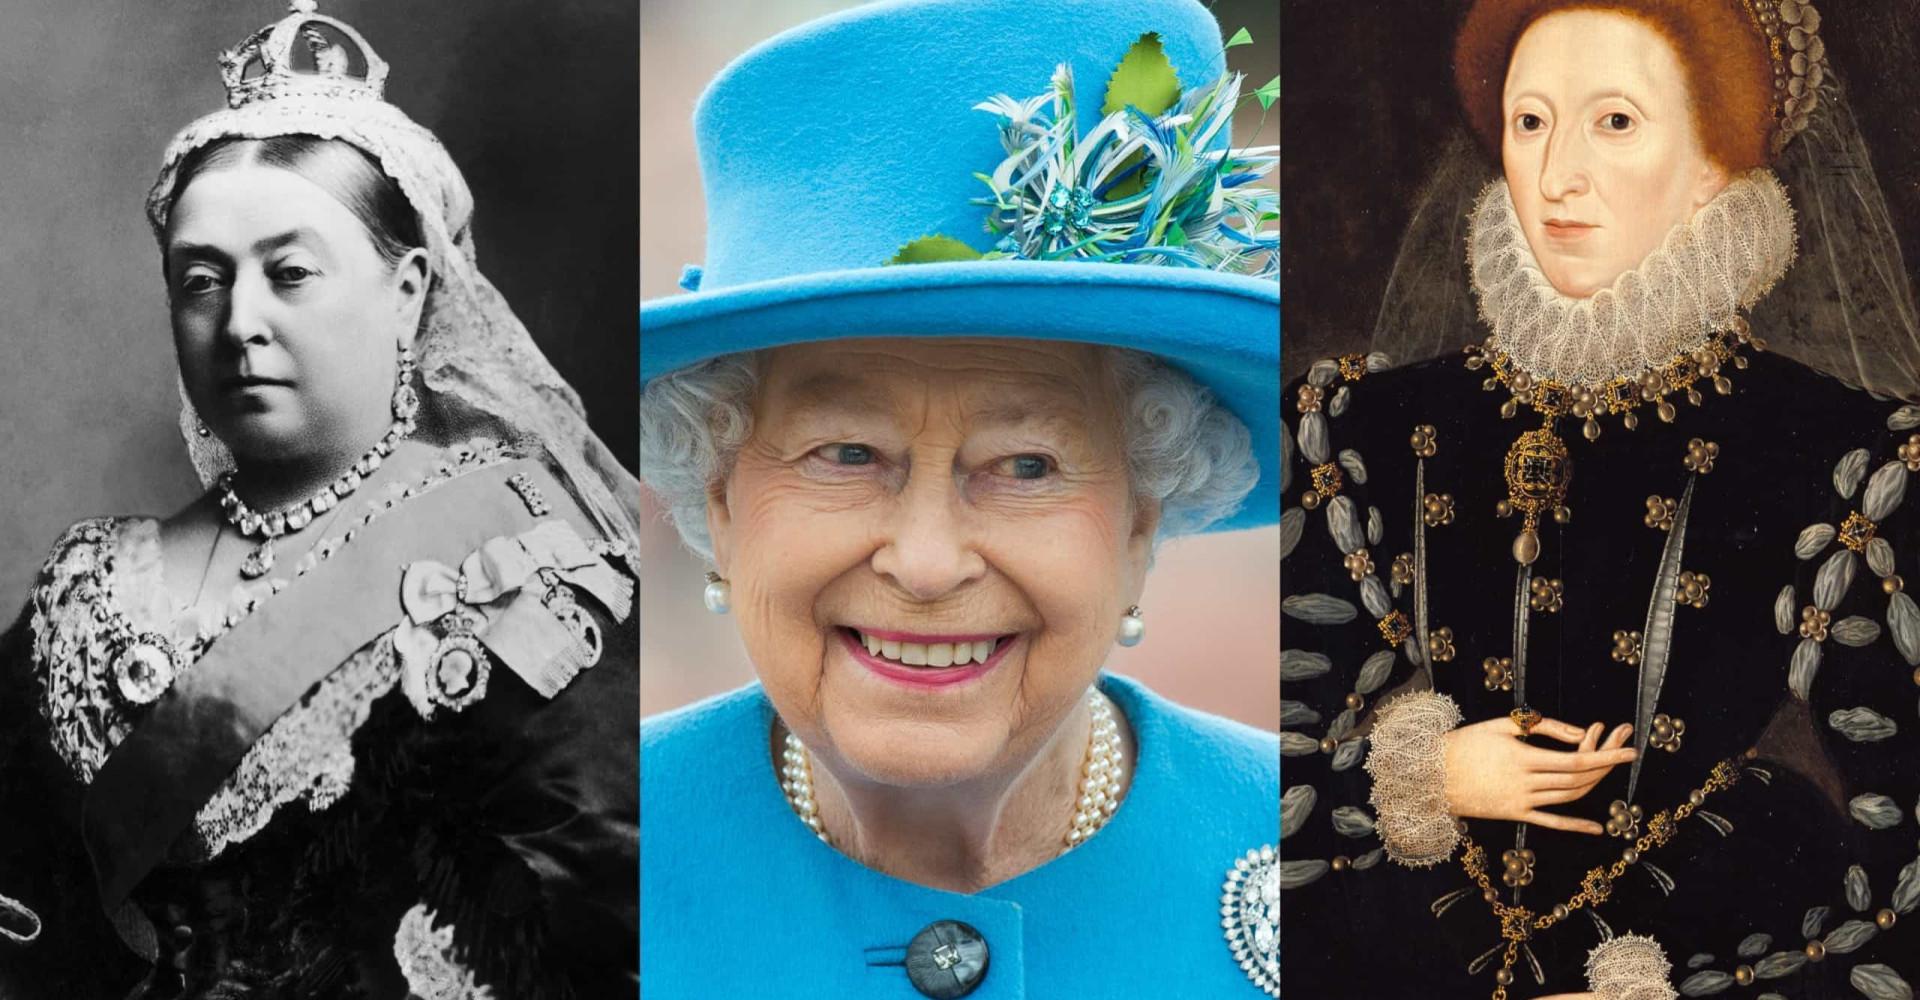 Membros da realeza que sobreviveram a tentativas de assassinato